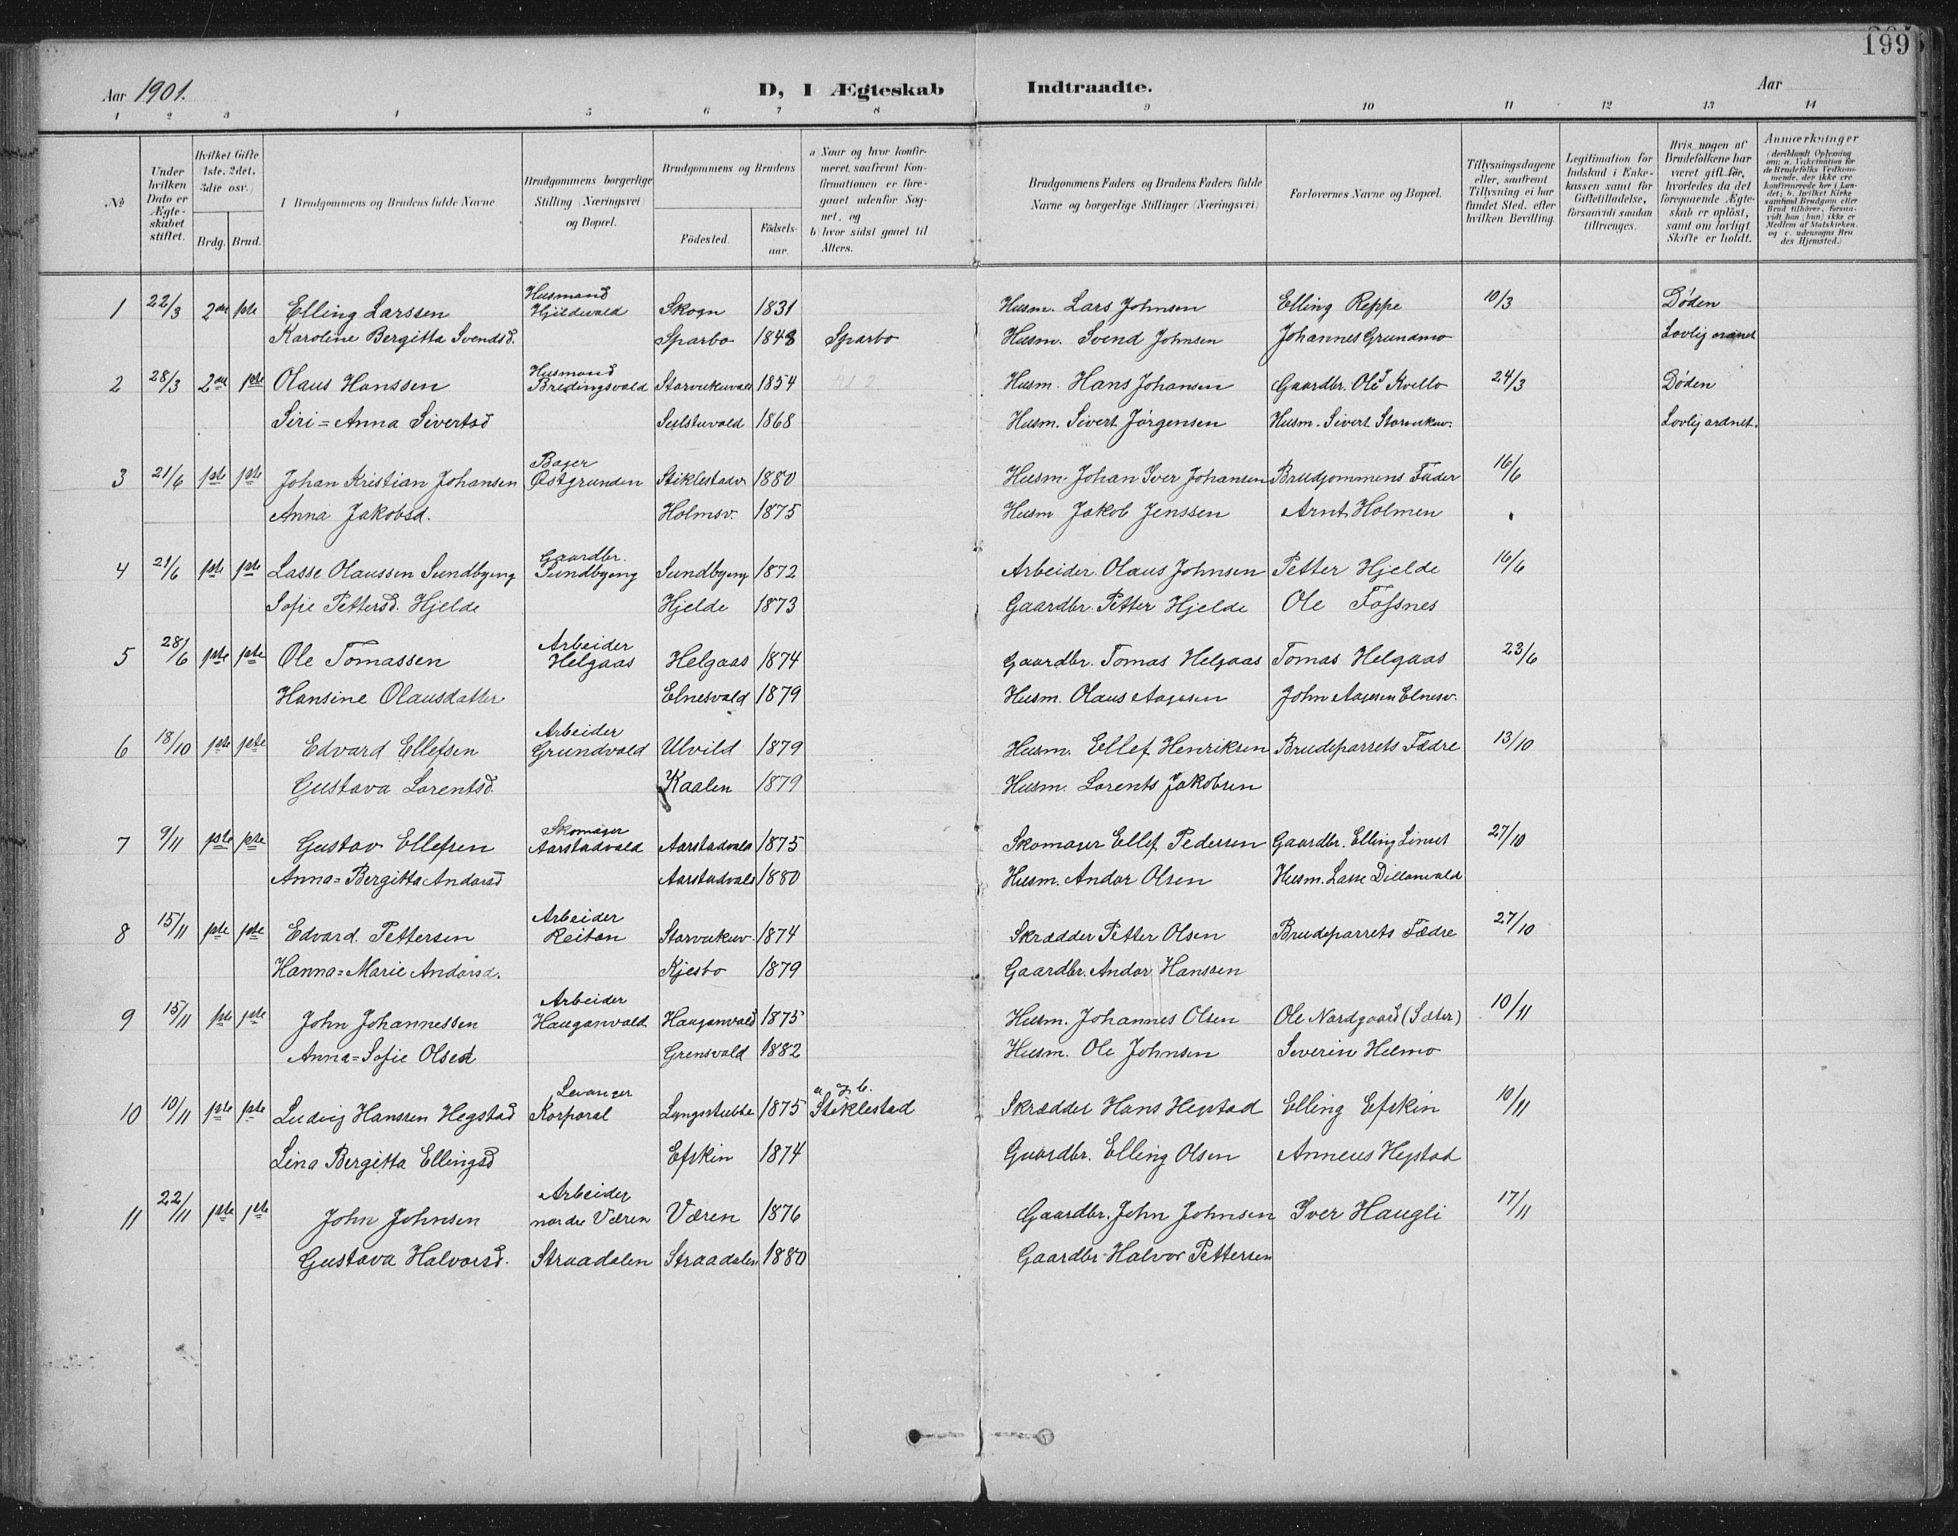 SAT, Ministerialprotokoller, klokkerbøker og fødselsregistre - Nord-Trøndelag, 724/L0269: Klokkerbok nr. 724C05, 1899-1920, s. 199